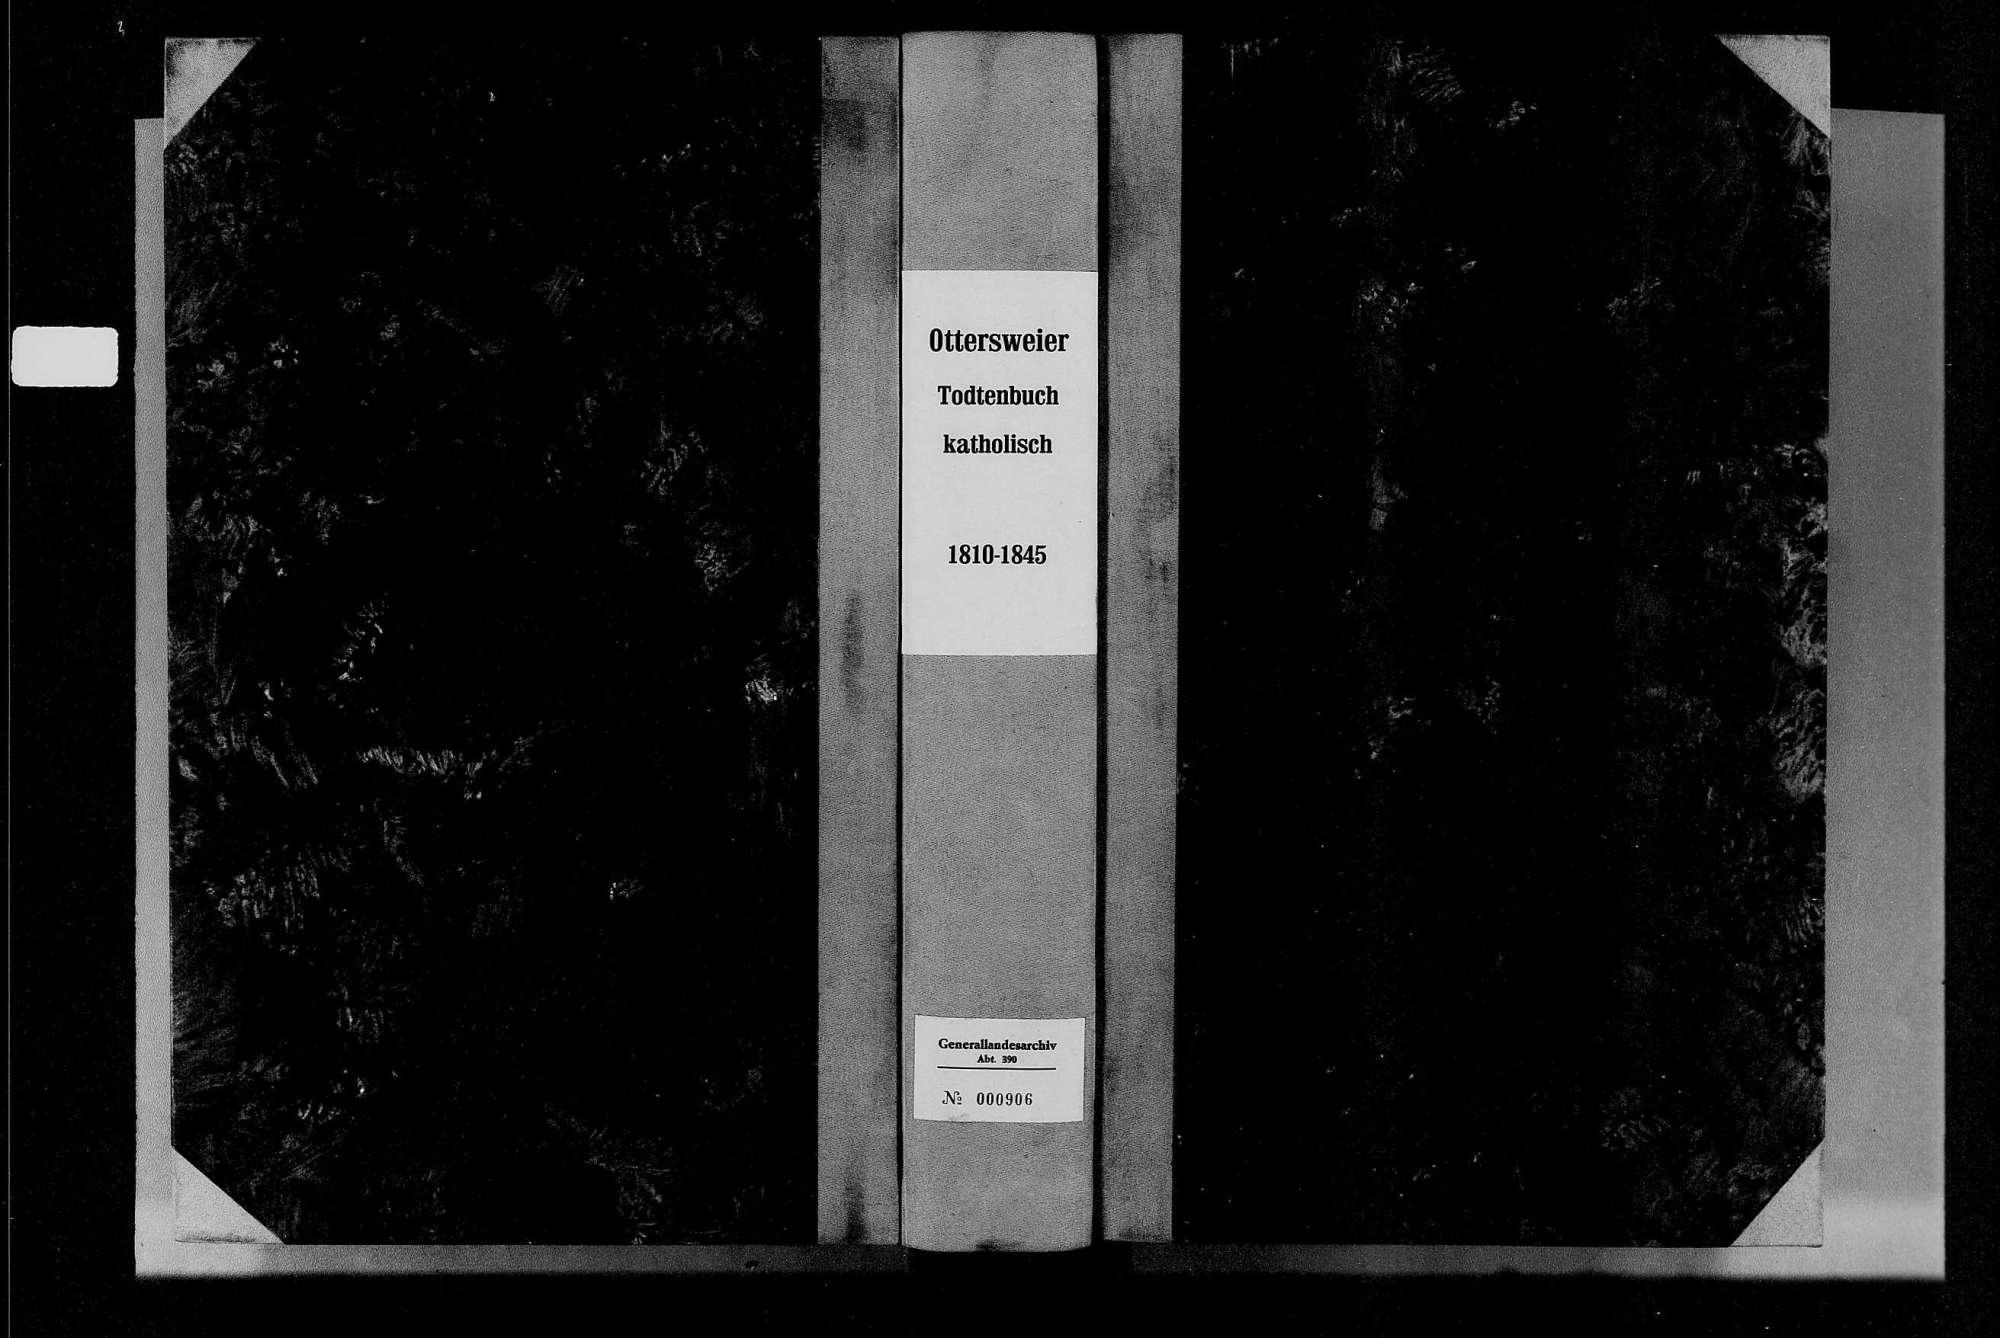 Ottersweier, katholische Gemeinde: Sterbebuch 1810-1845, Bild 1